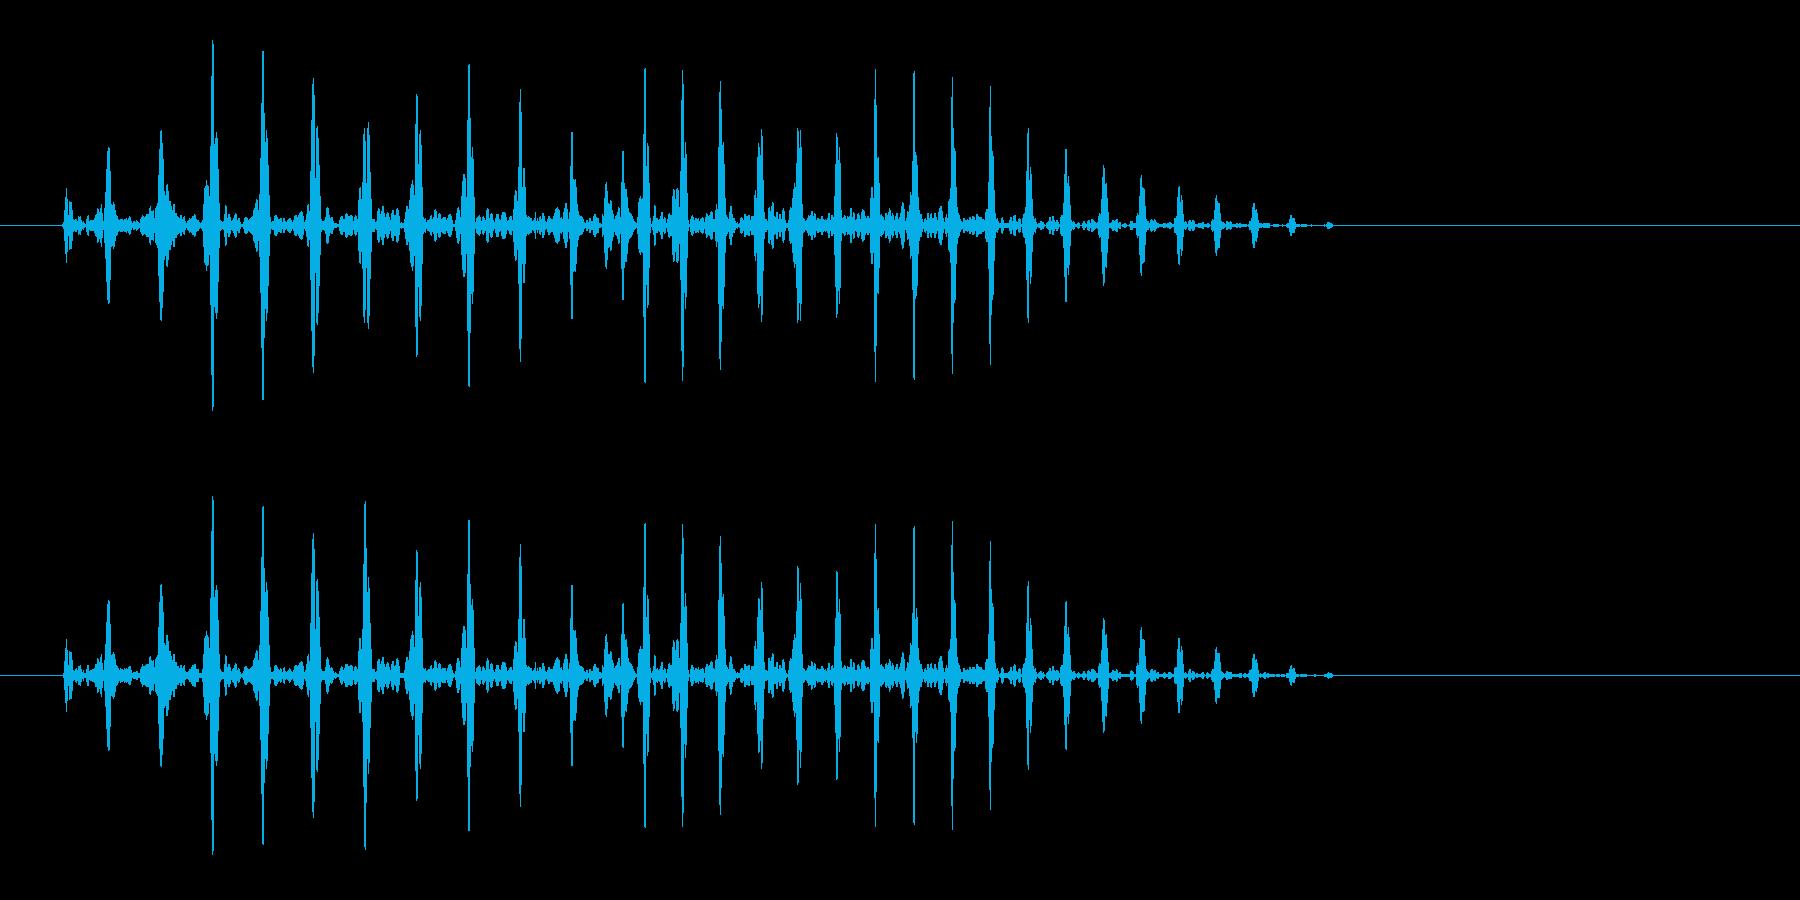 プハ、というラッパのような効果音です。の再生済みの波形